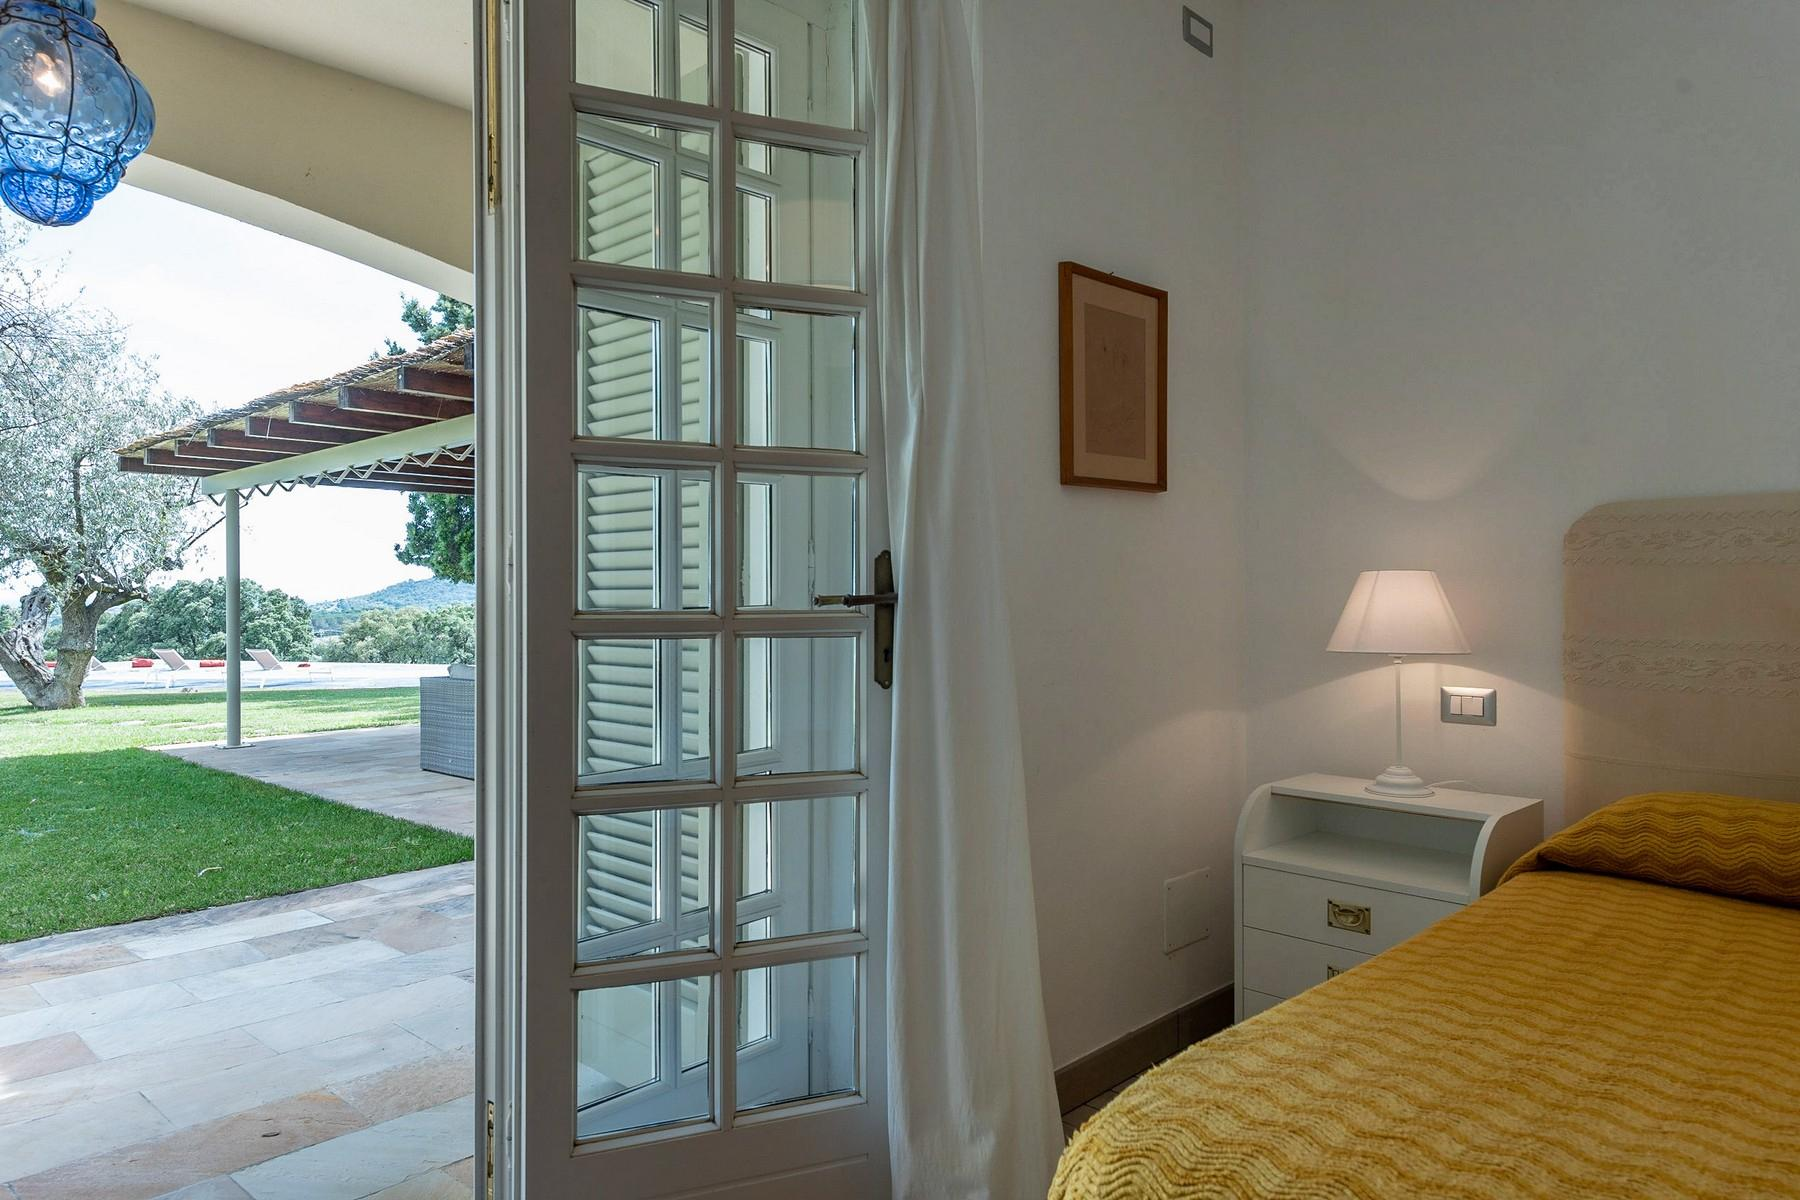 Elegant villa with seaview in Castiglione della Pescaia - 27